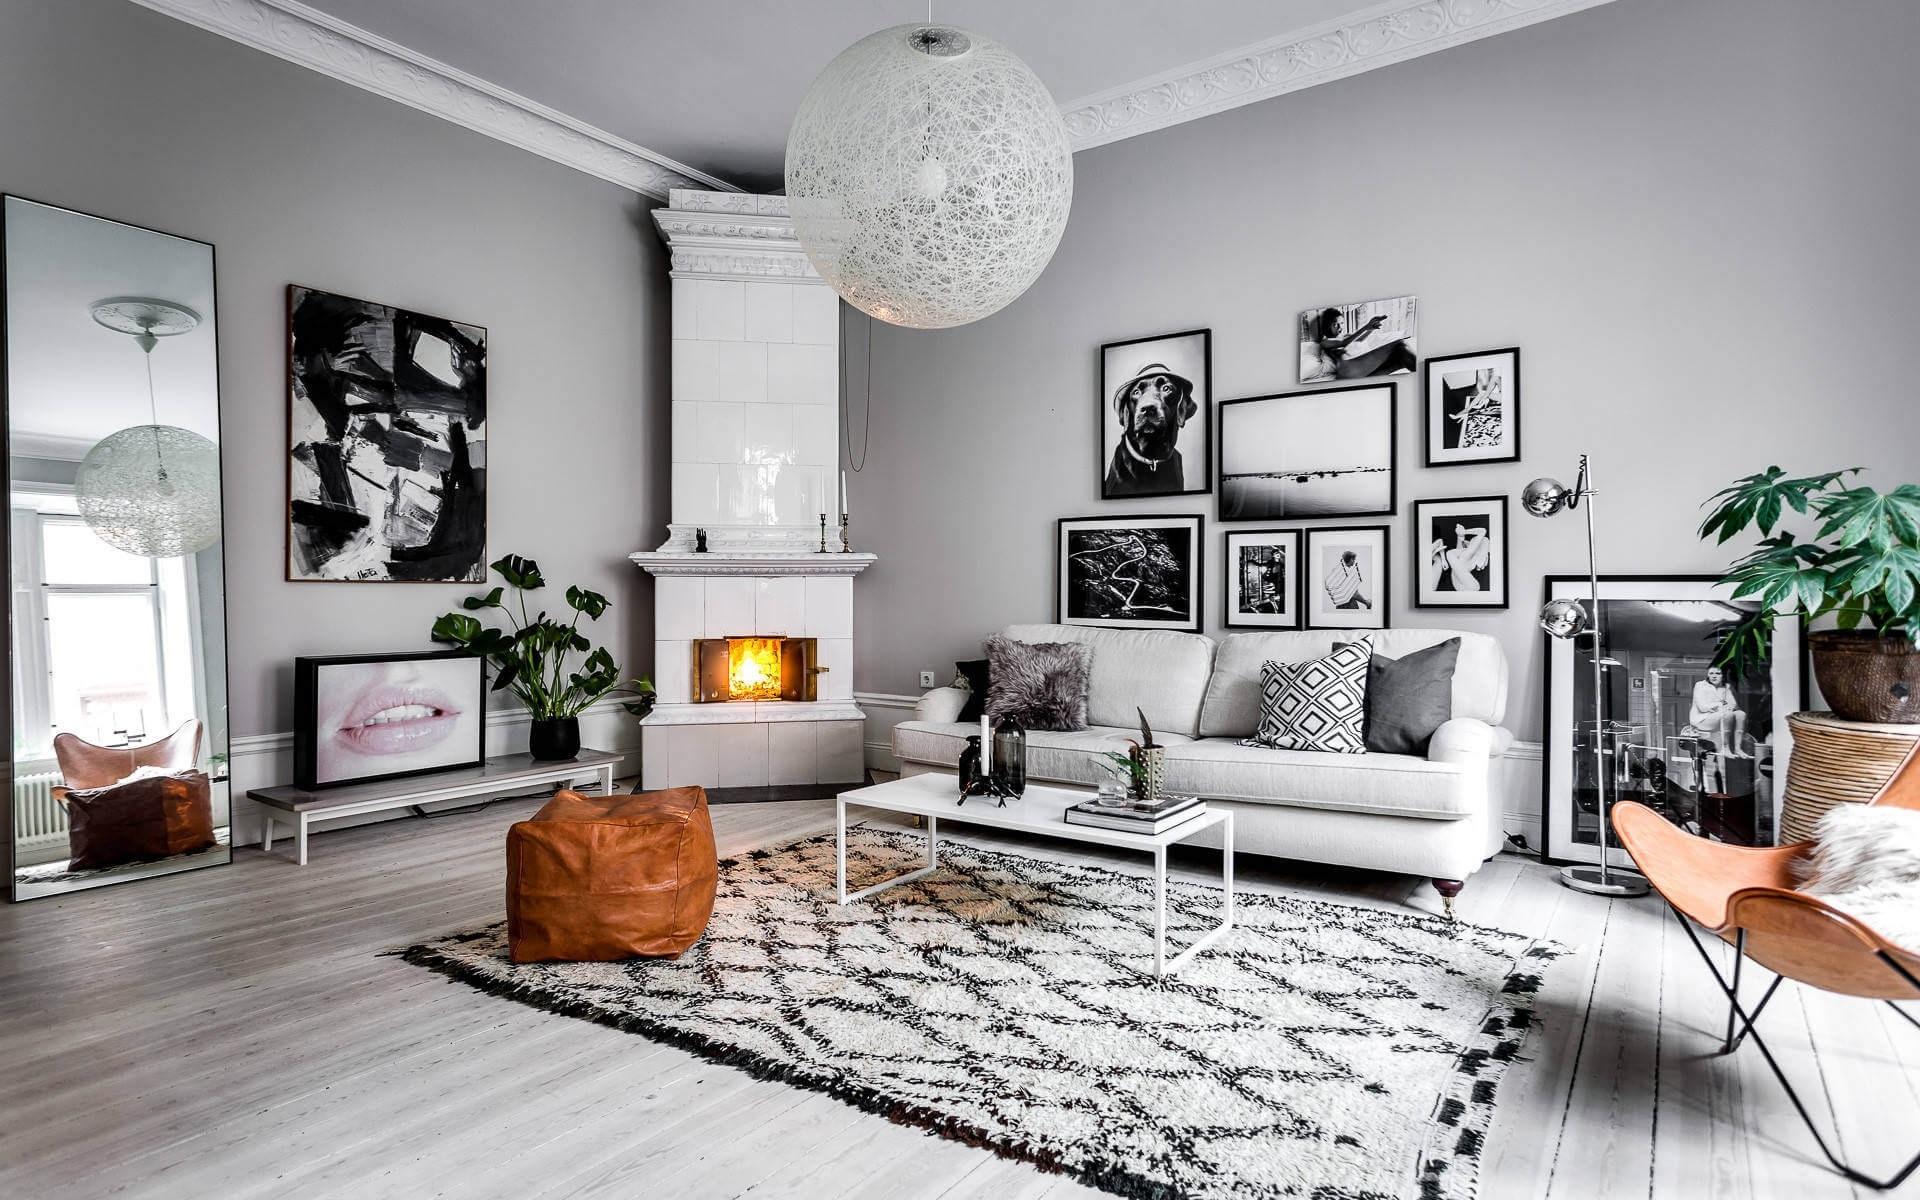 Wohnzimmer, Sofa, Fotos, Kamin, Schwarz-Weiß-Stil 1920x1200 ...